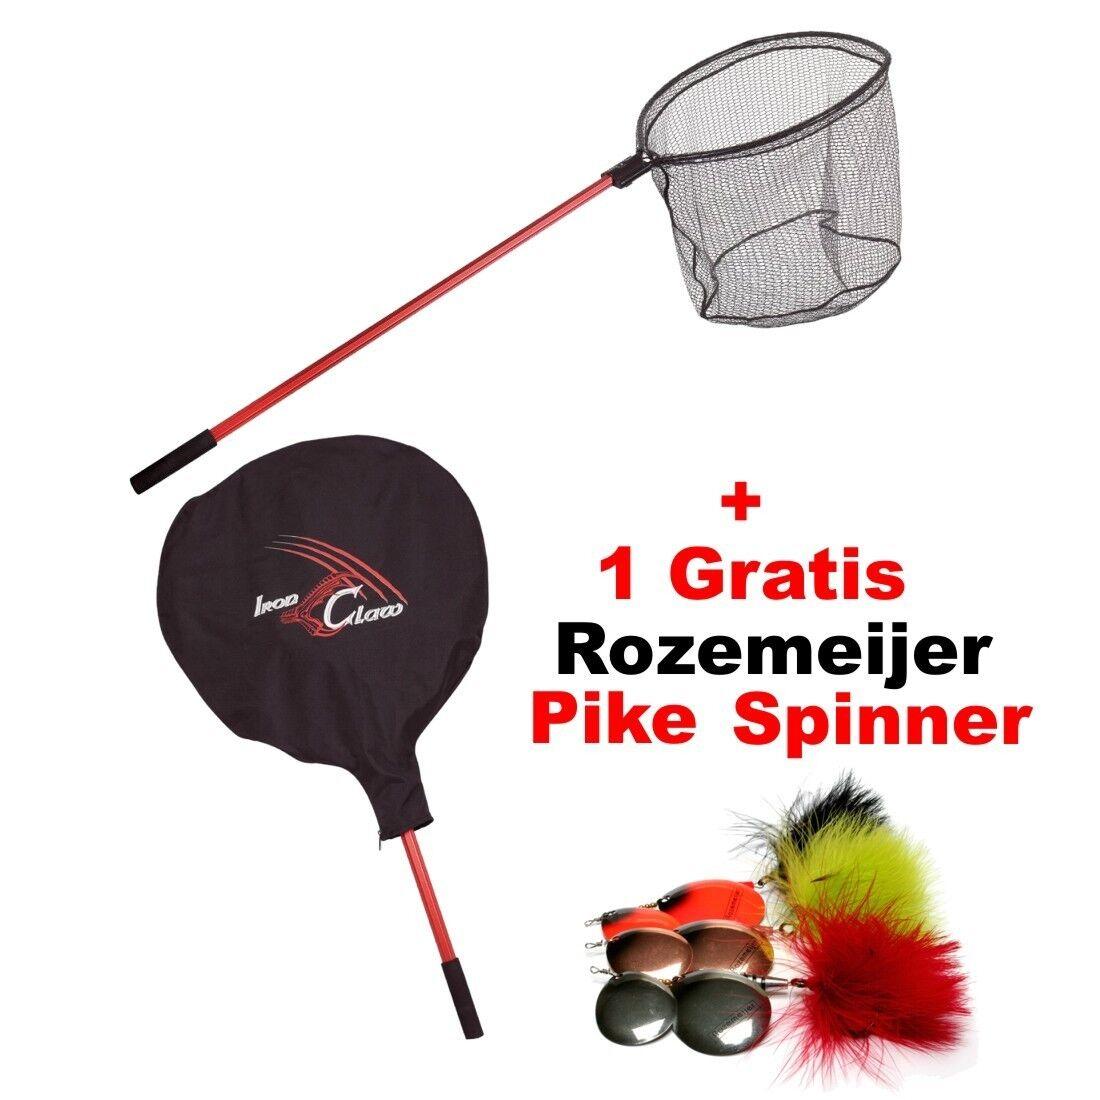 Iron Claw PROTator PROTator PROTator Net / Unterfangkescher Rubber + Rozemeijer Pike Spinner 581e4d